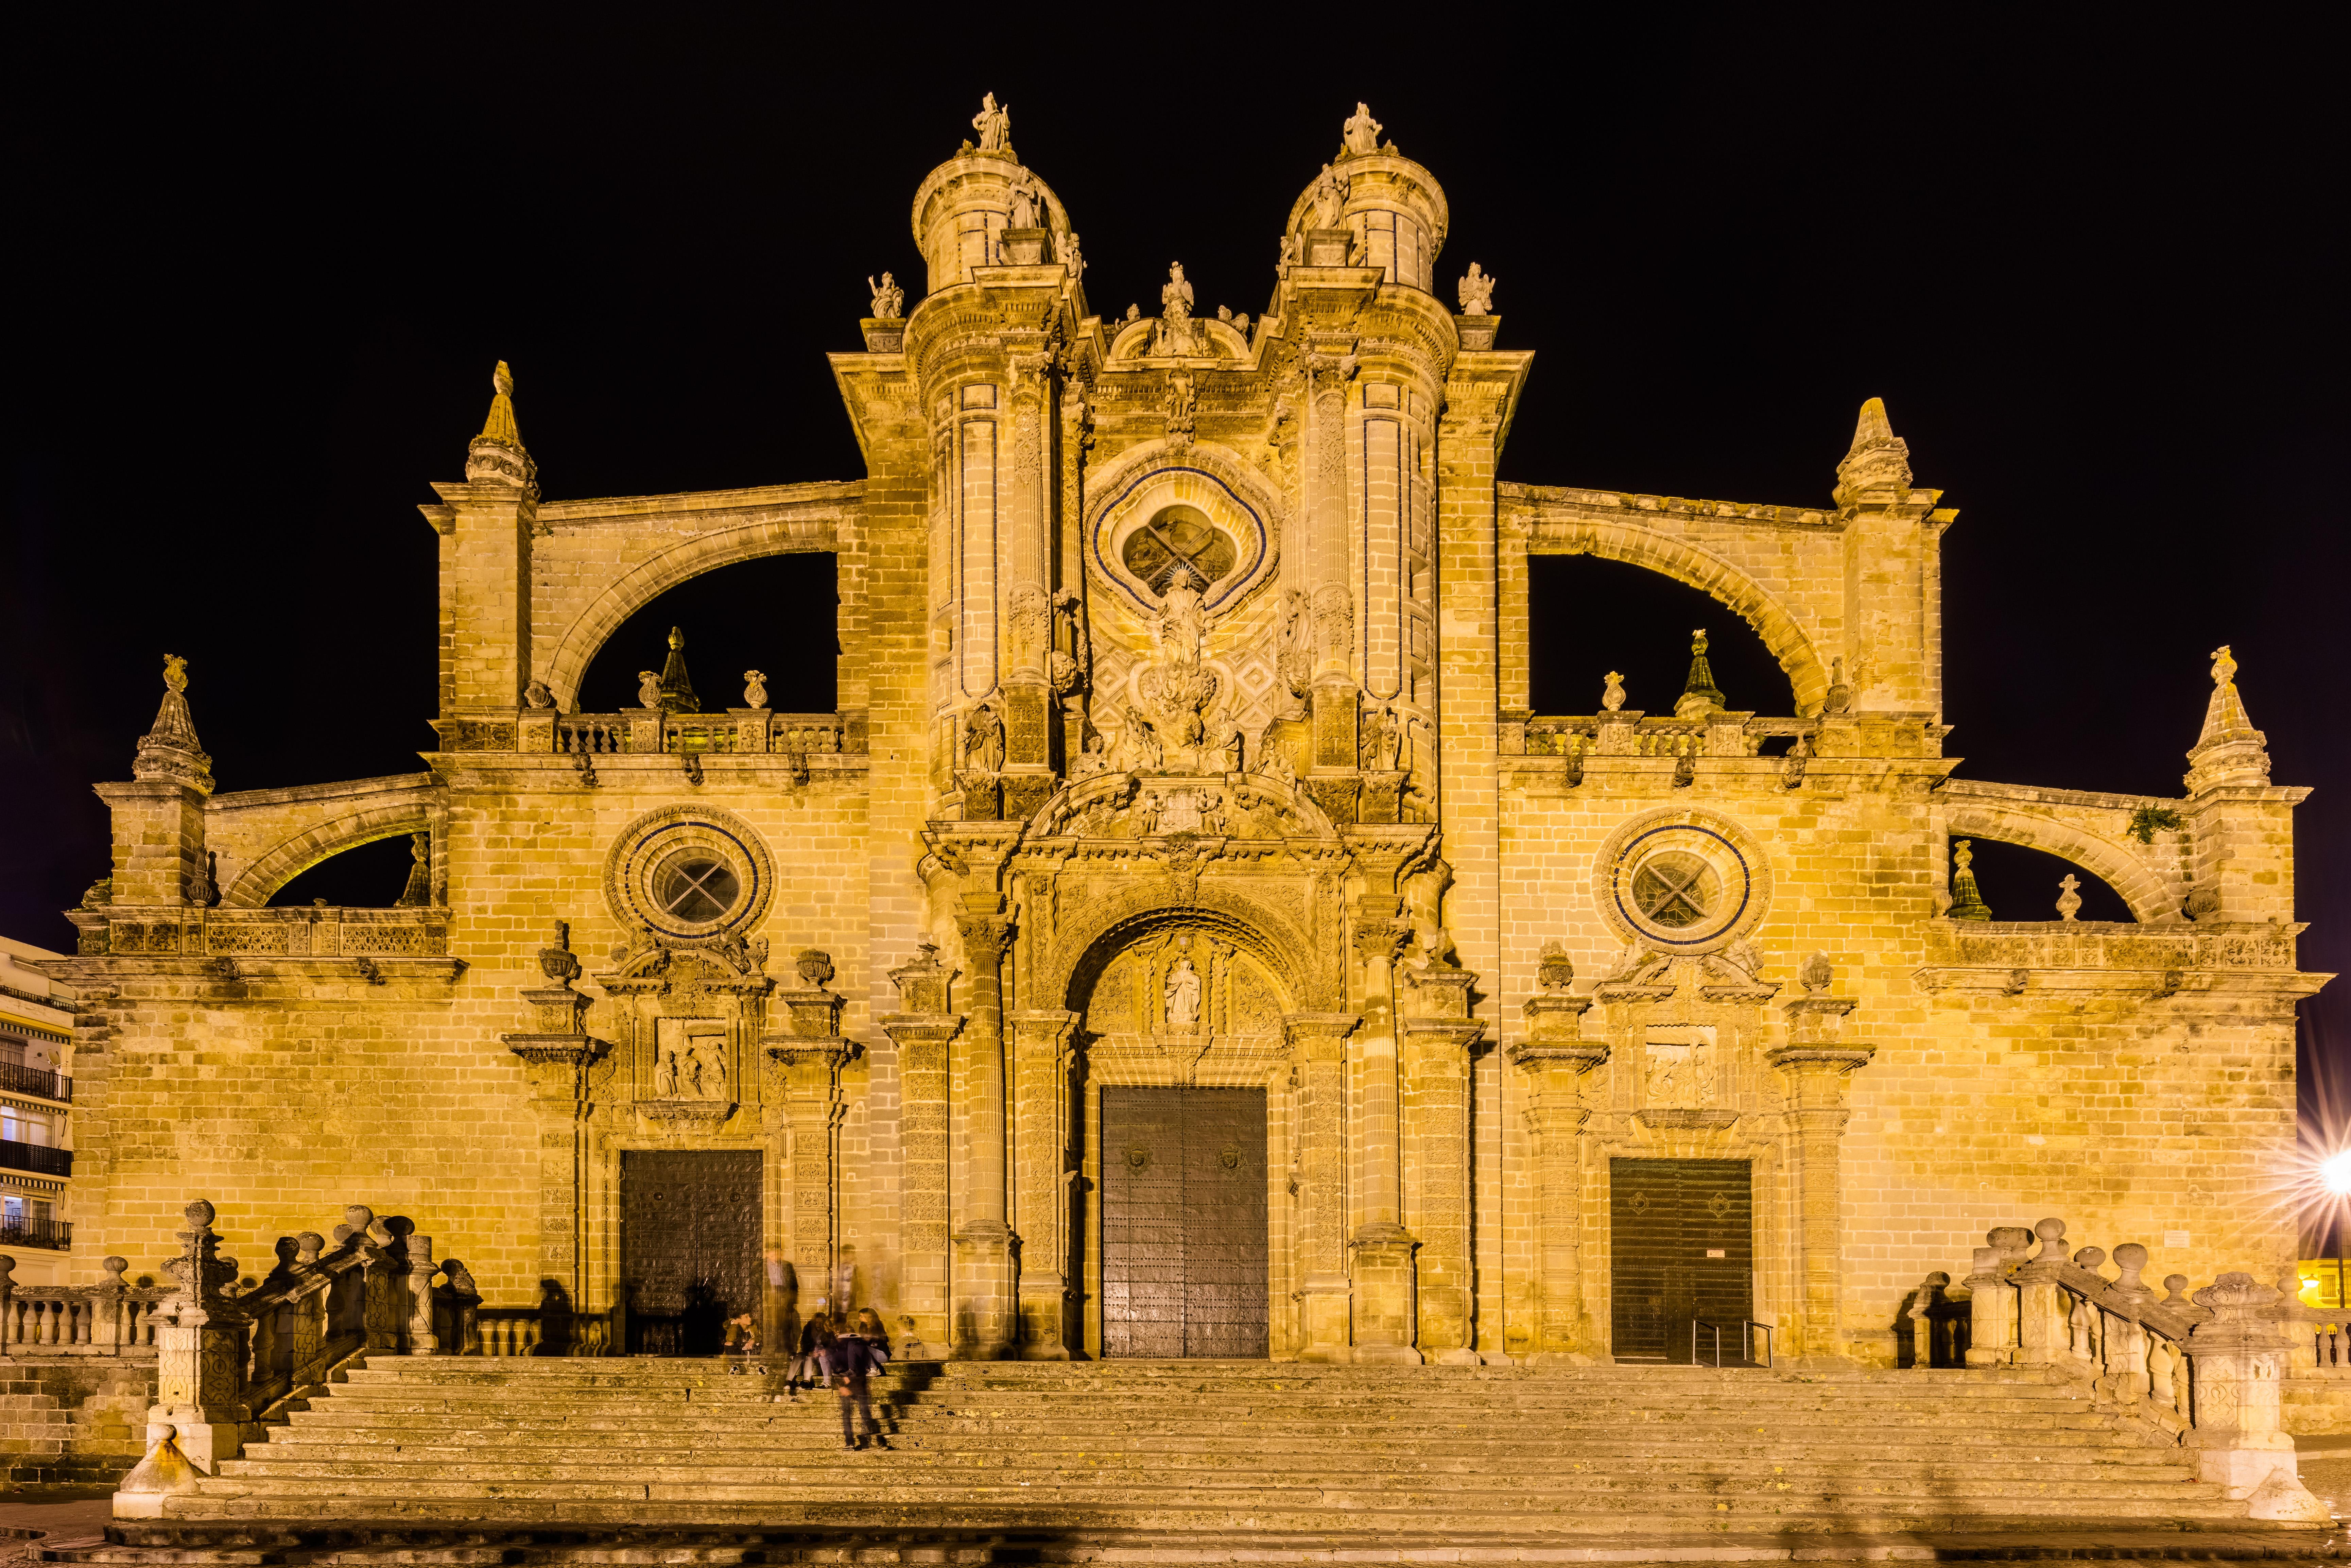 Archivo catedral jerez de la frontera espa a 2015 12 07 for Azulejos jerez de la frontera